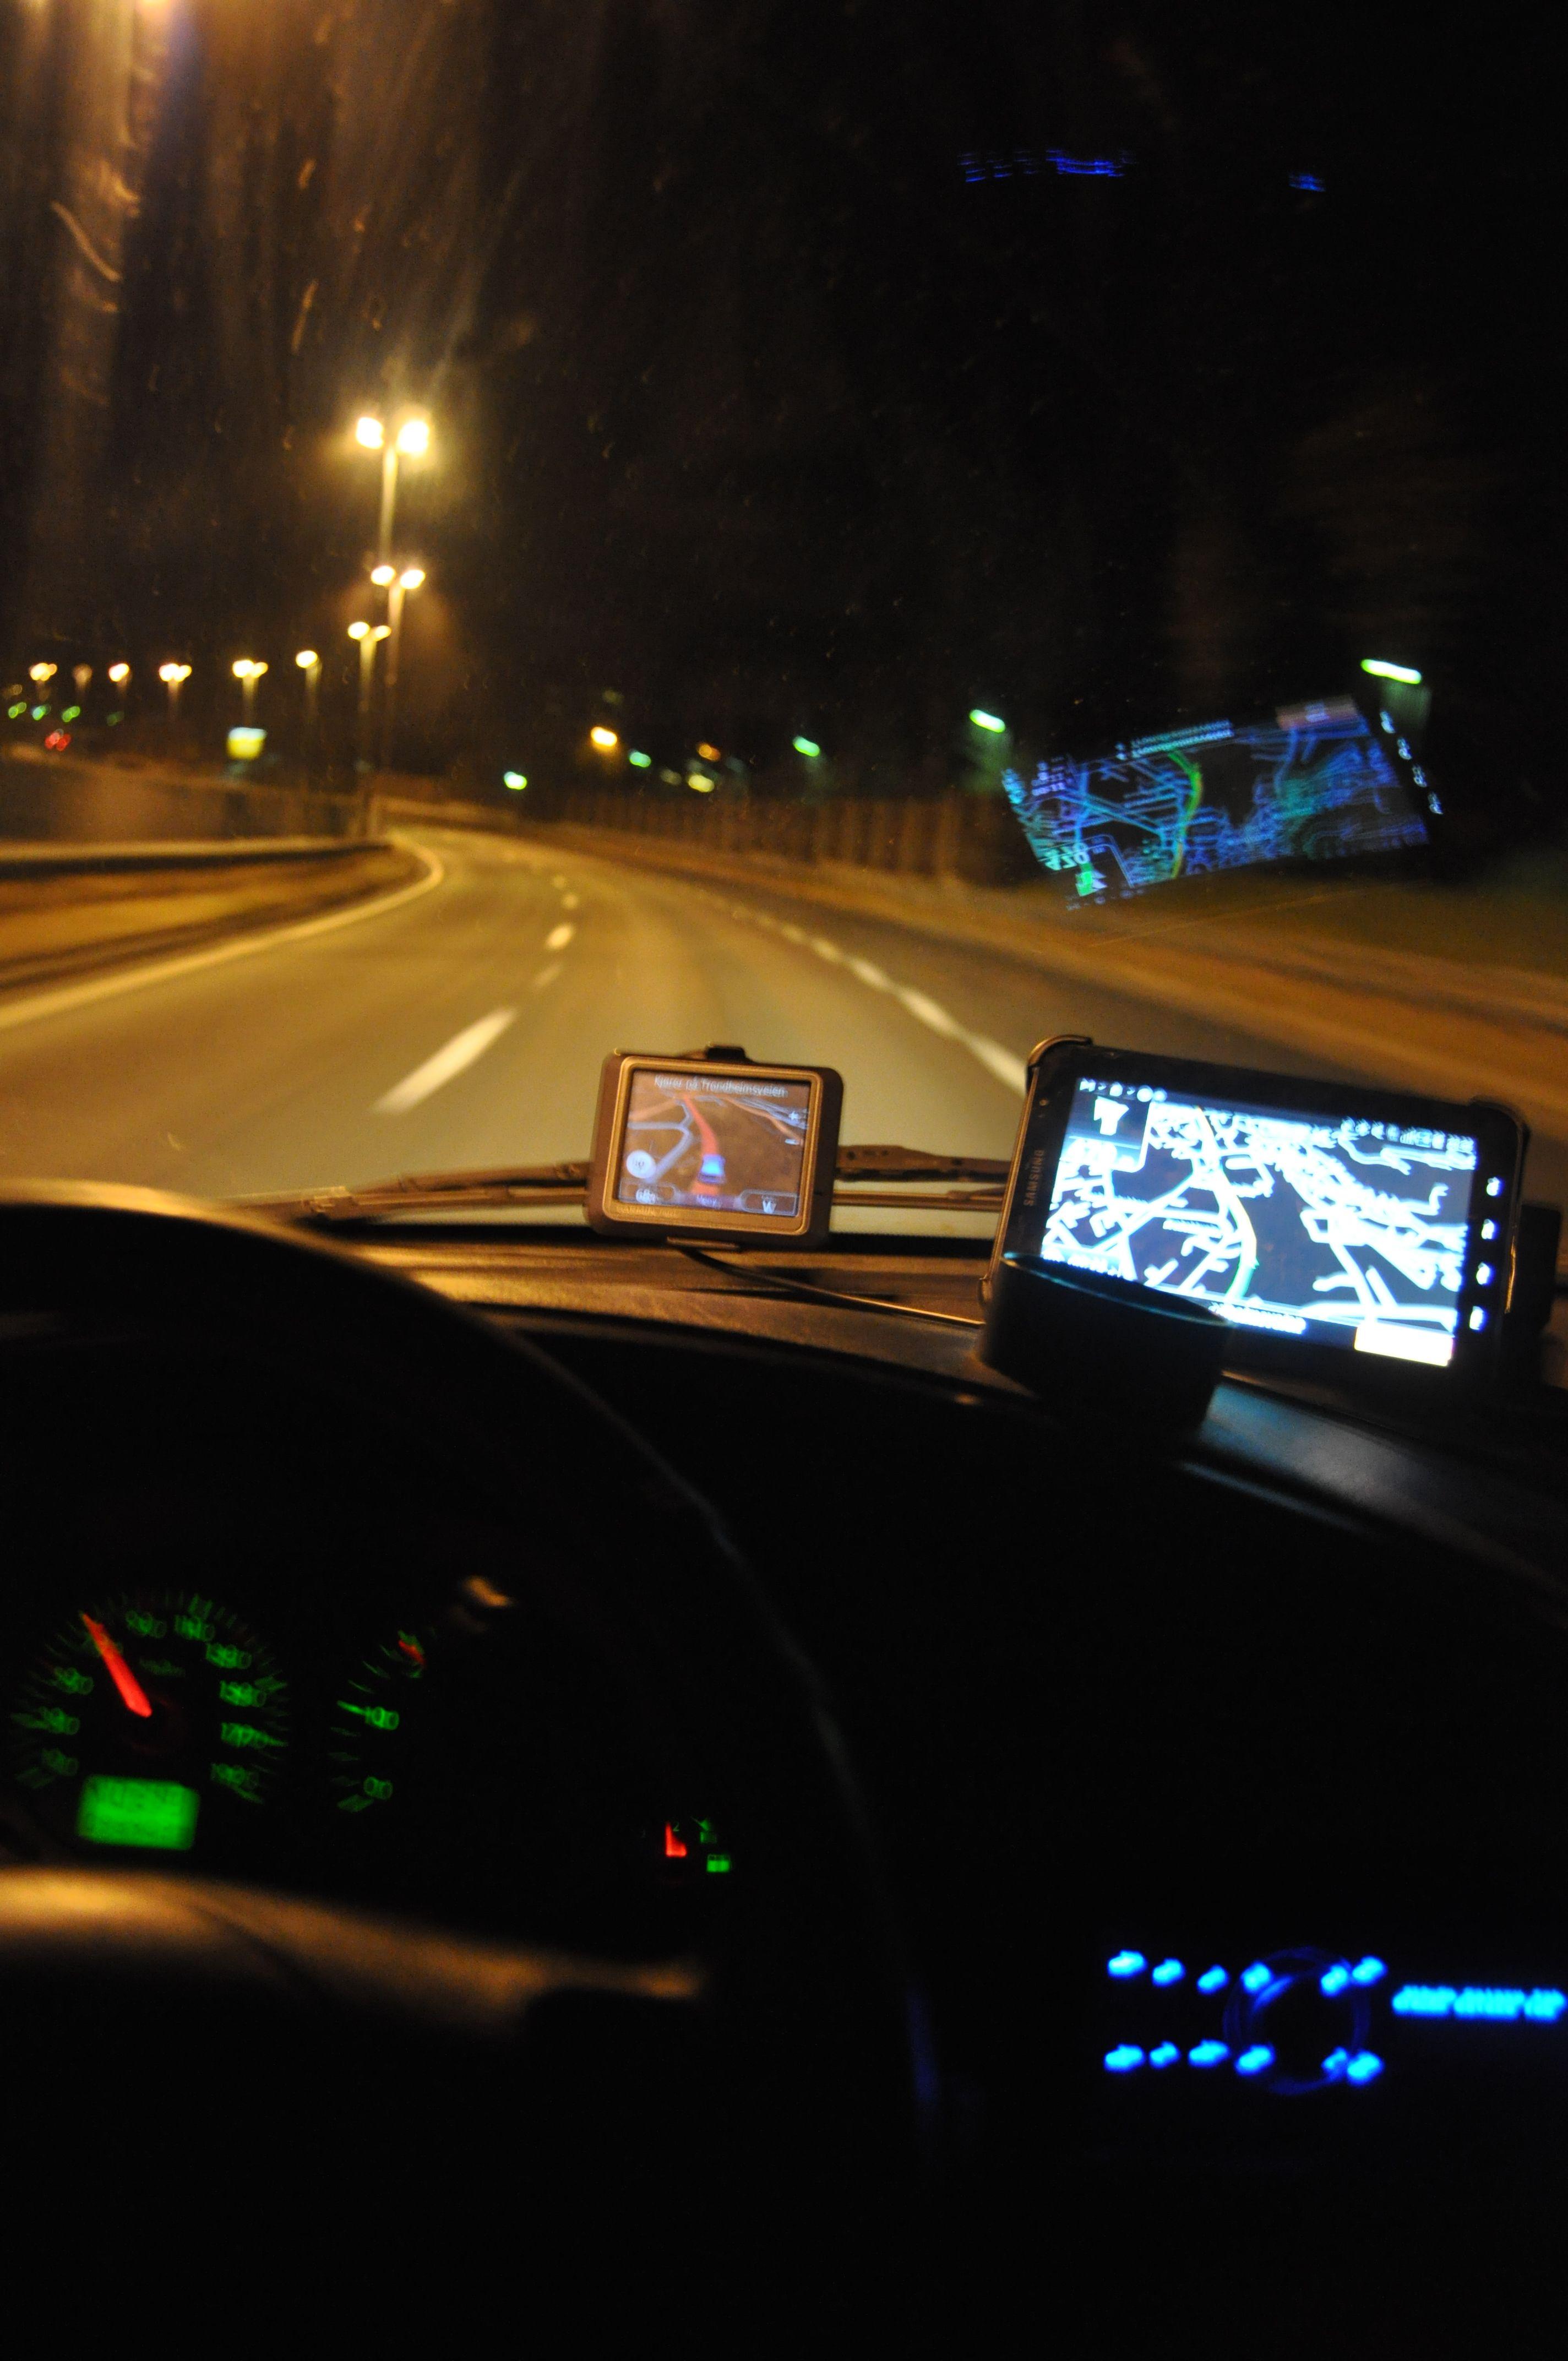 Galaxy Tab er av det beste selskapet vi har hatt i en bil. Guiding, musikk og telefoni spilles av over bilstereoen, så lenge man har støtte for Bluetooth. Veien er selvsagt også kort til Galaxy Tabs mange andre funksjoner.